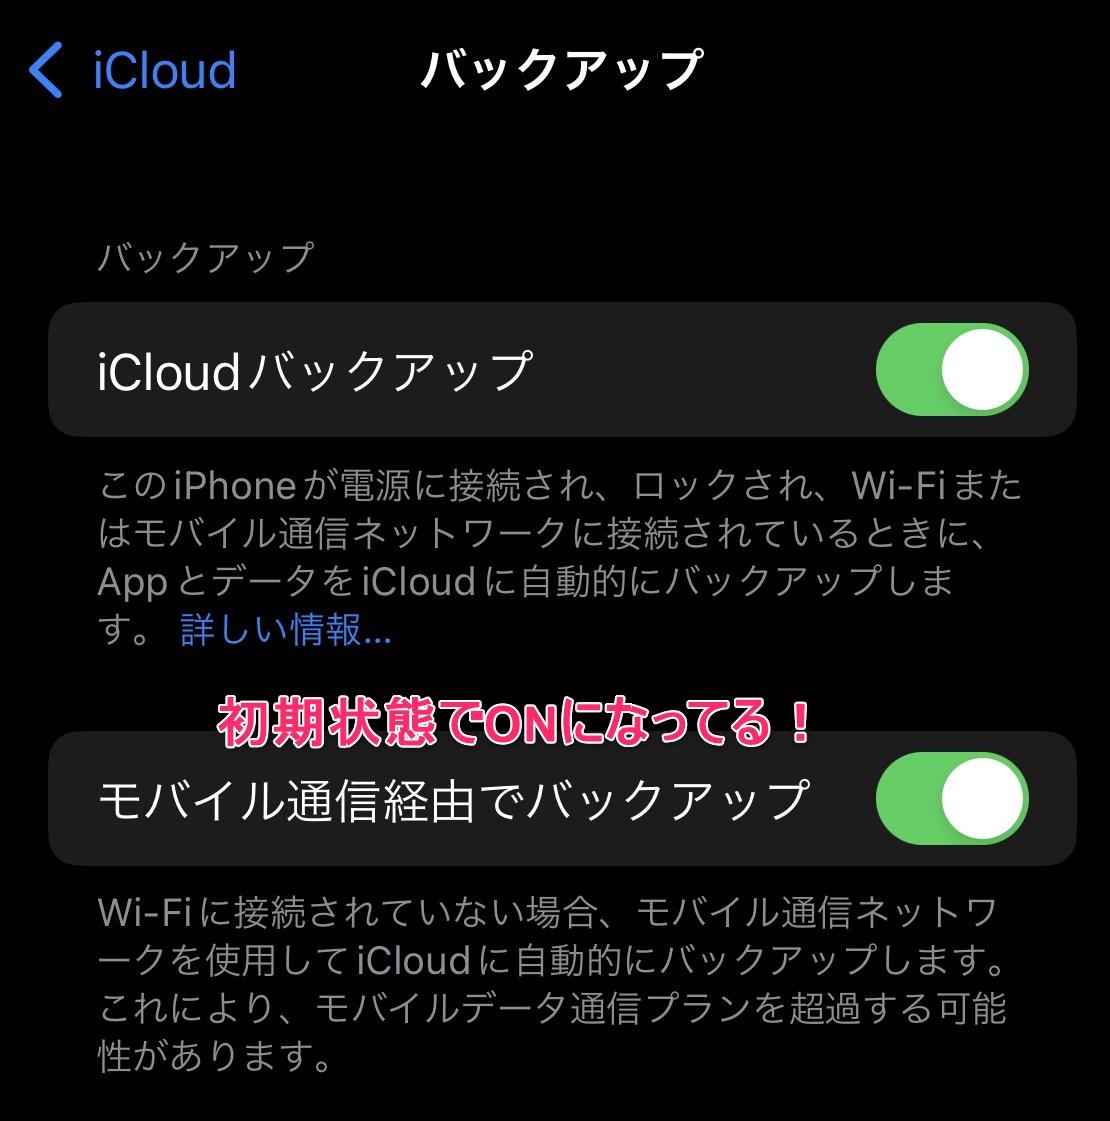 iOS15でiCloudバックアップがモバイル通信で可能になった